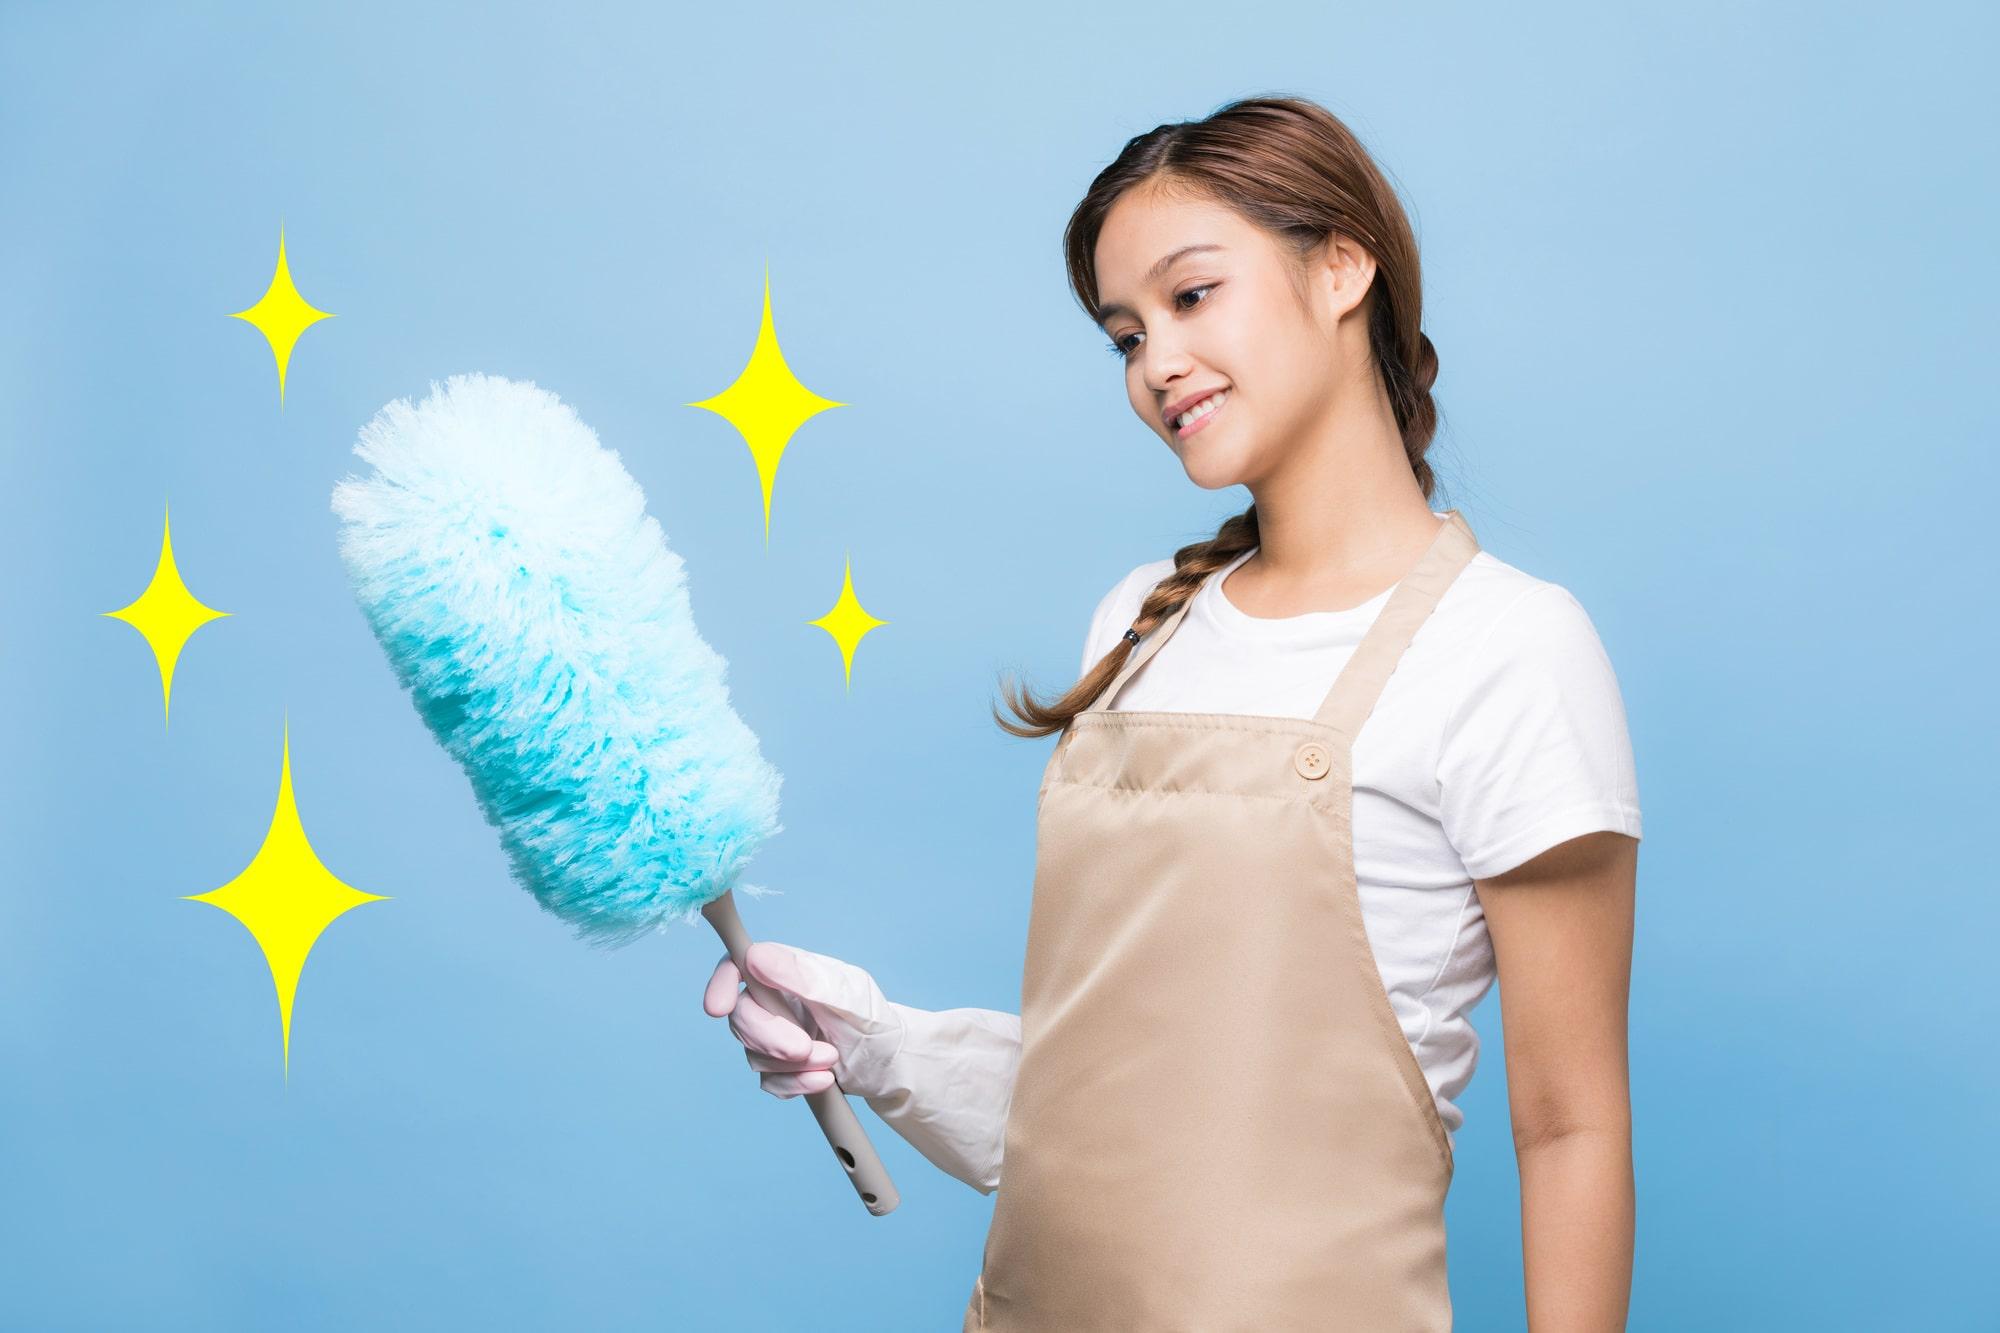 ホコリ掃除のイメージ